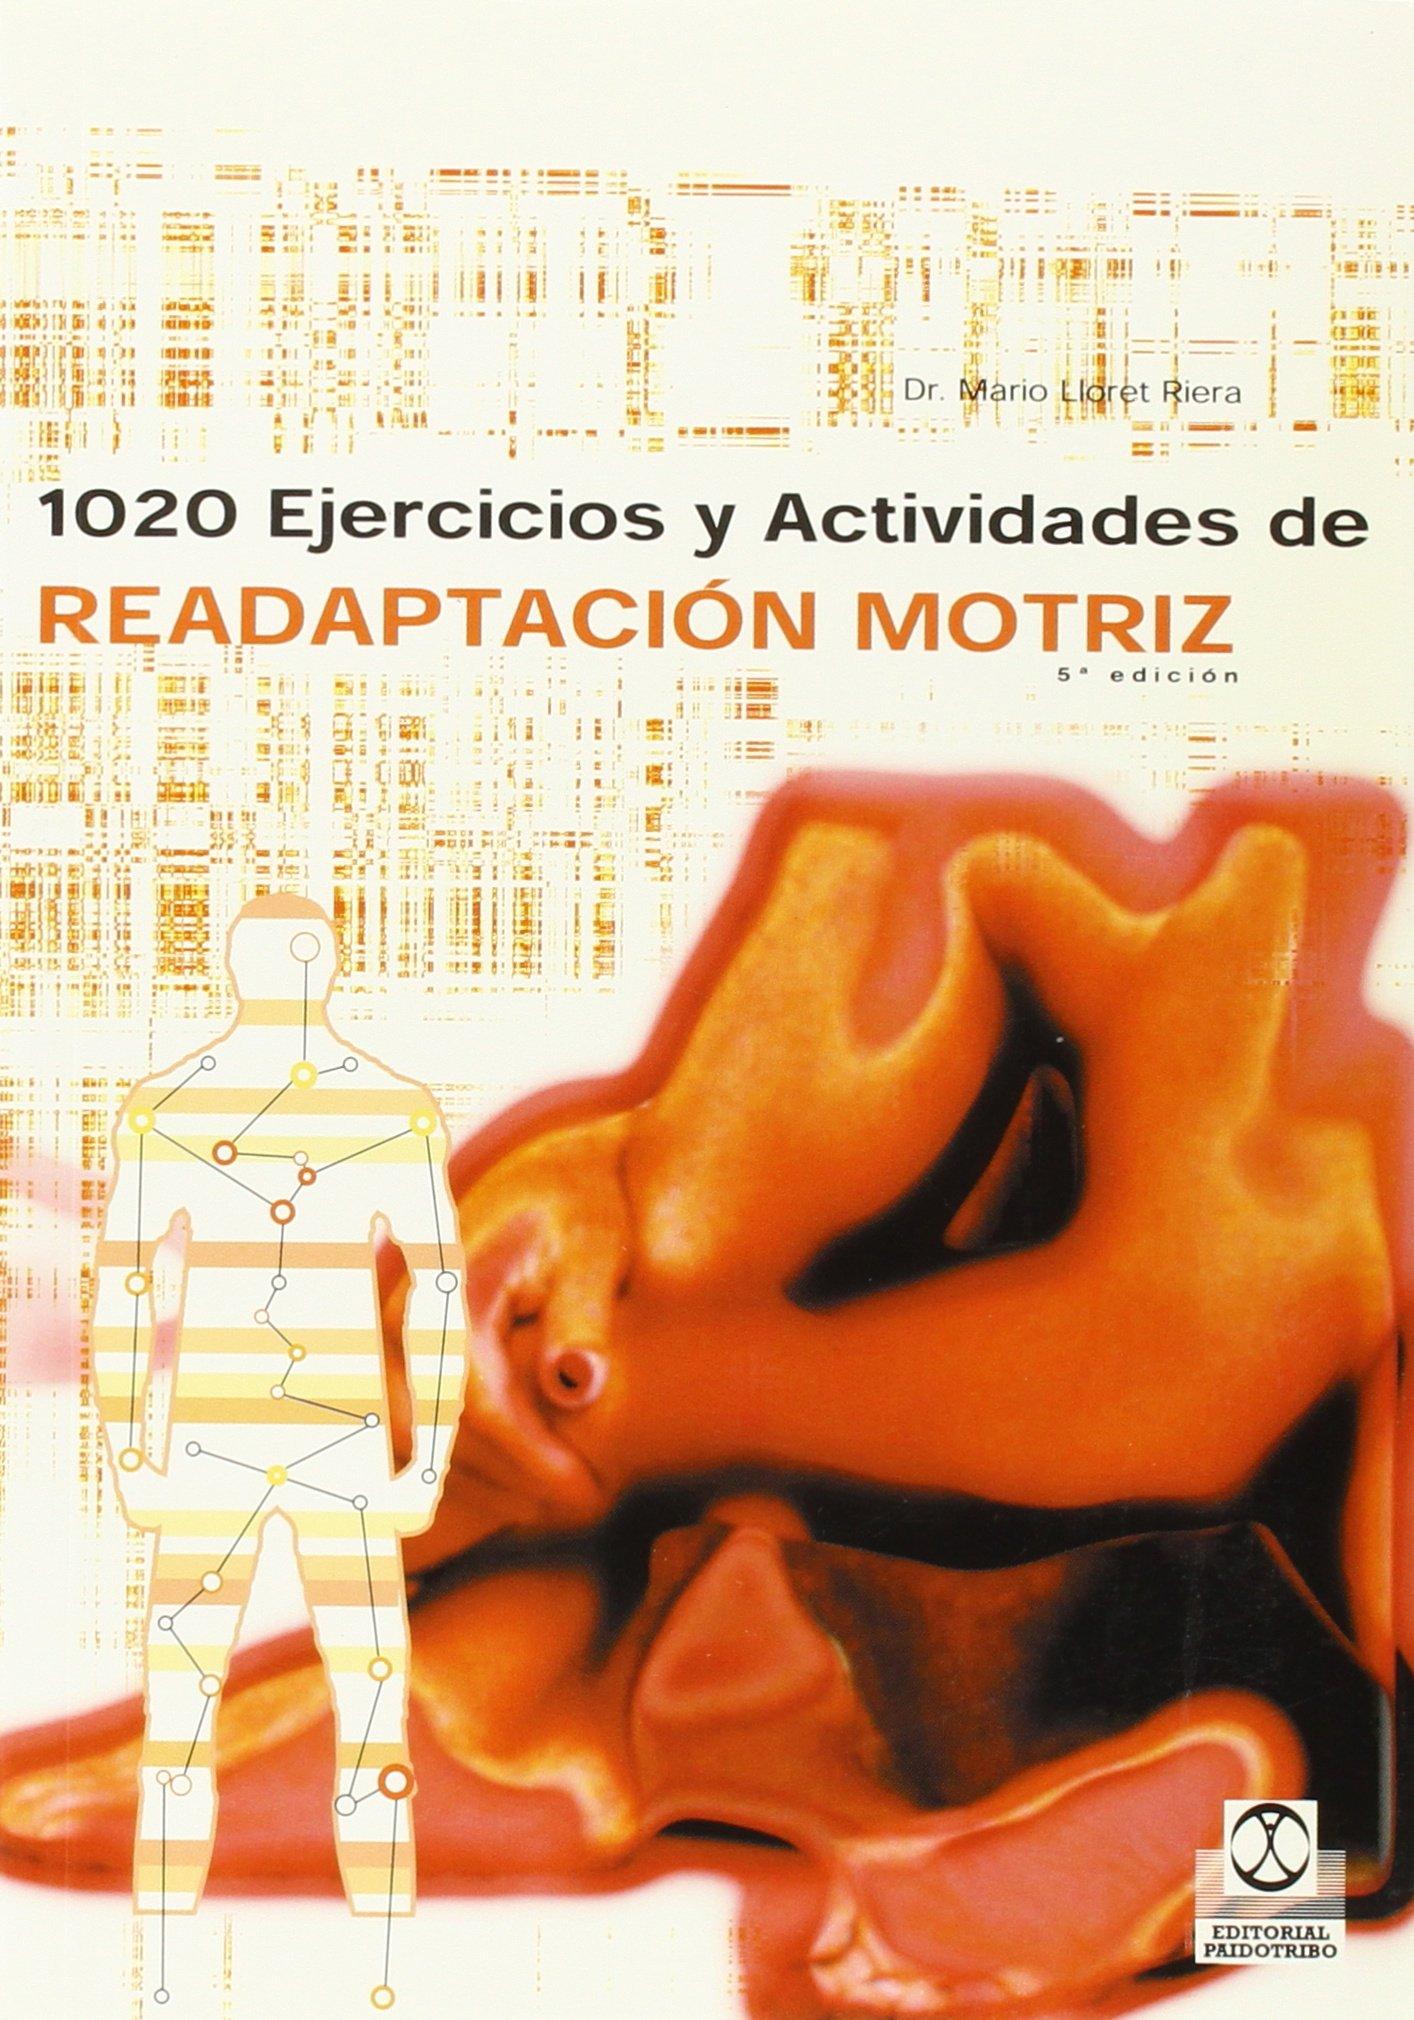 1020 Ejercicios y Actividades de Readaptacion Motriz: Mario Lloret Riera:  9788486475314: Physical Medicine & Rehabilitation: Amazon Canada